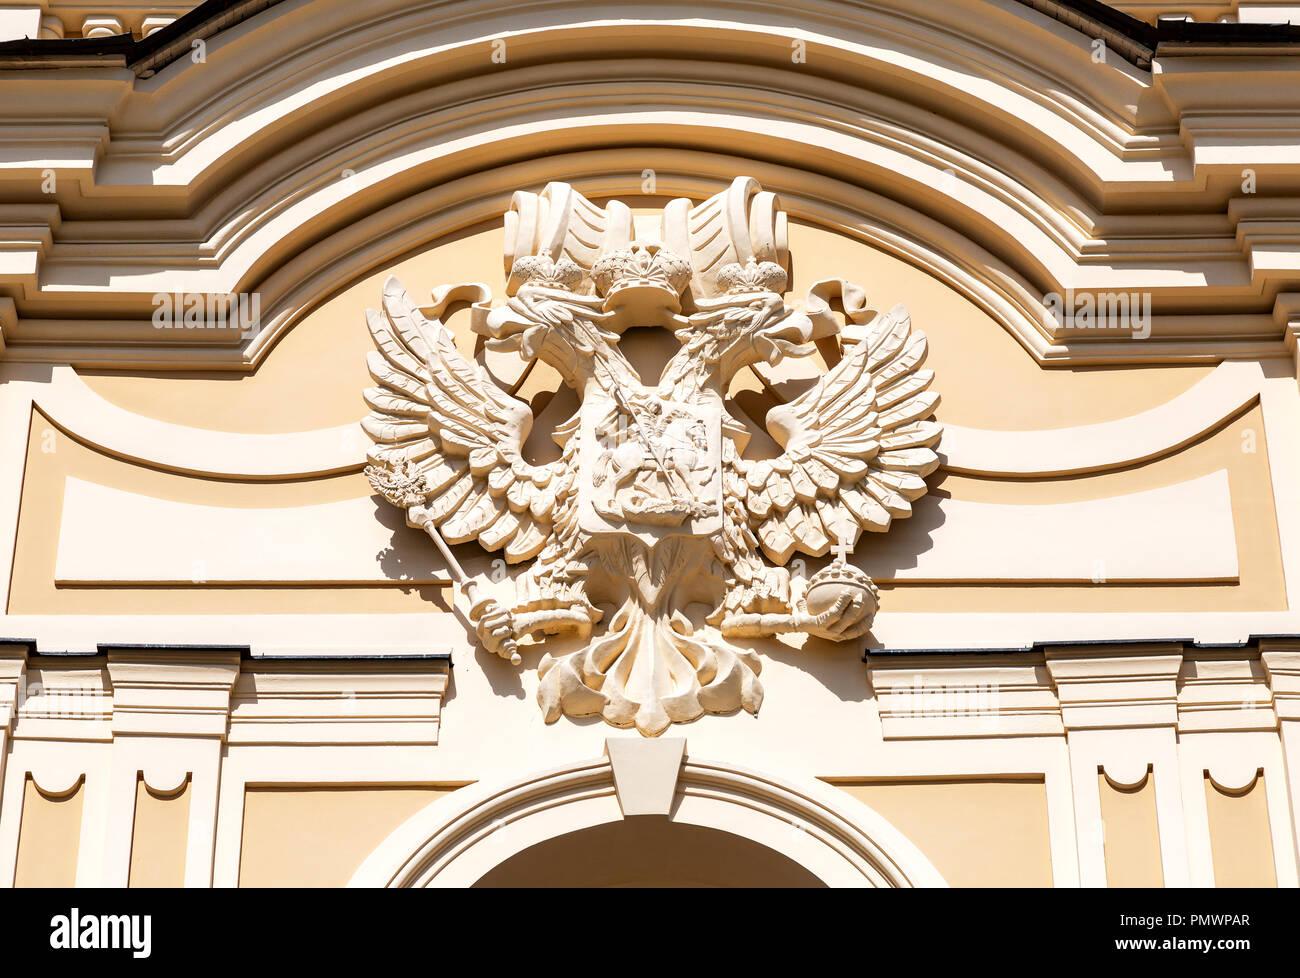 August 2017: Doppelköpfiger Russischen Adler Auf Der Fassade Des  Konstantinovsky Palast In Strelna